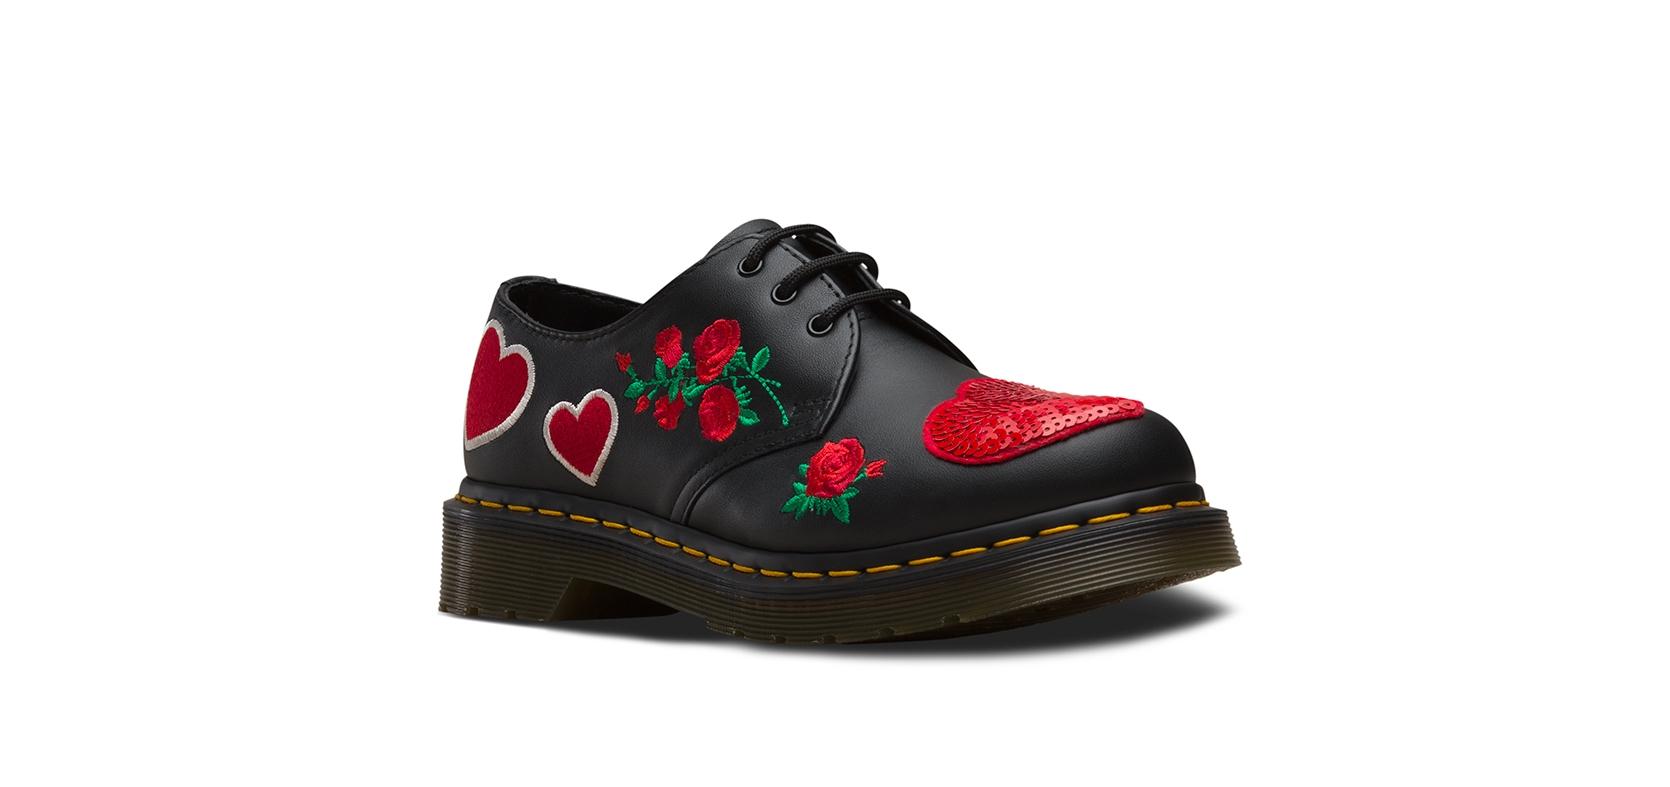 14 февраля: сердечки, розы и Dr. Martins